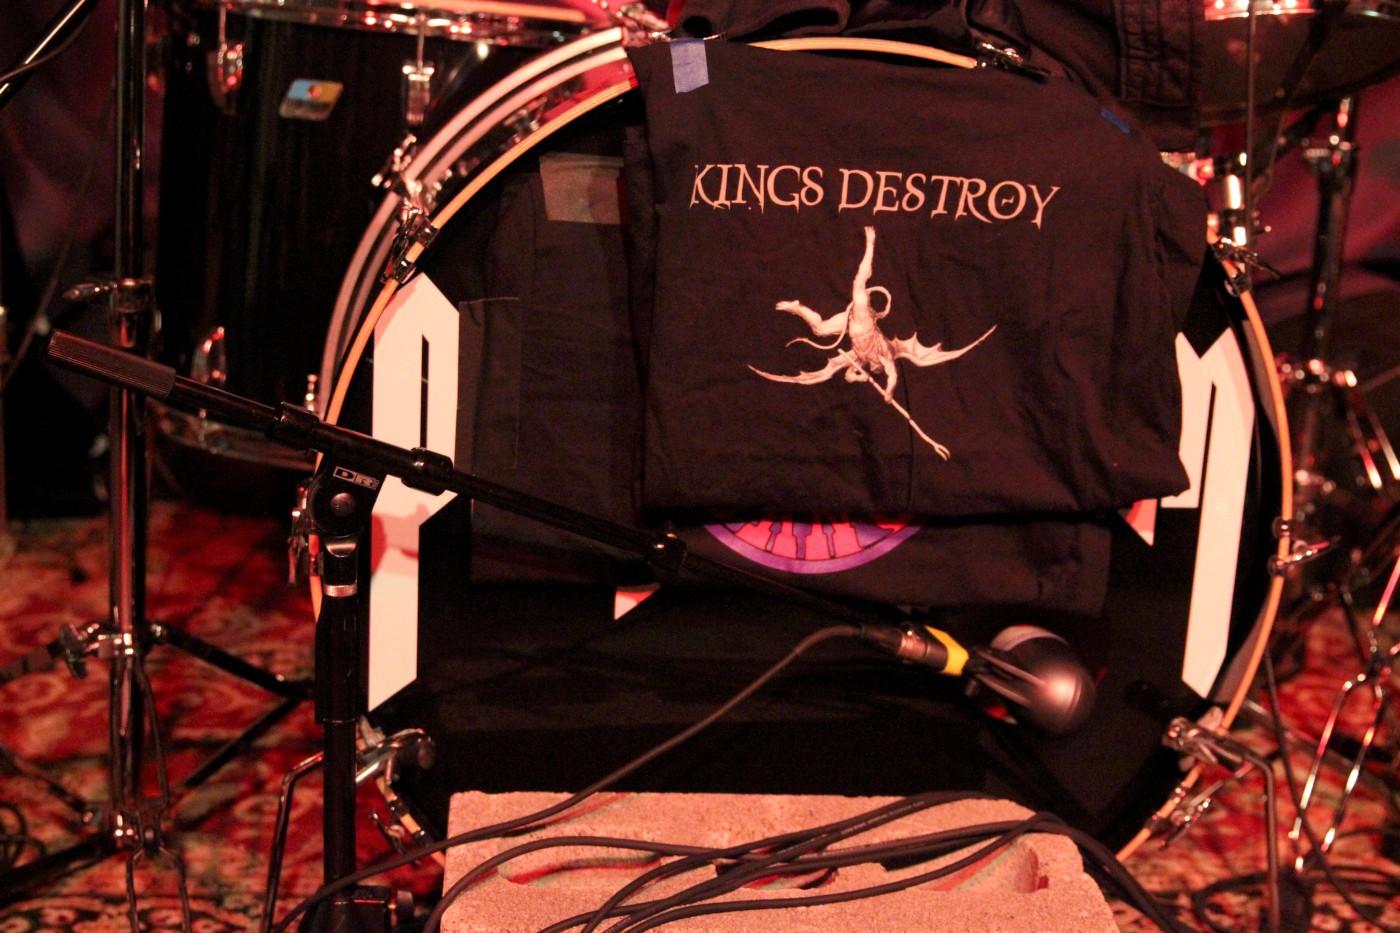 Kings Destroy (Photo by JJ Koczan)